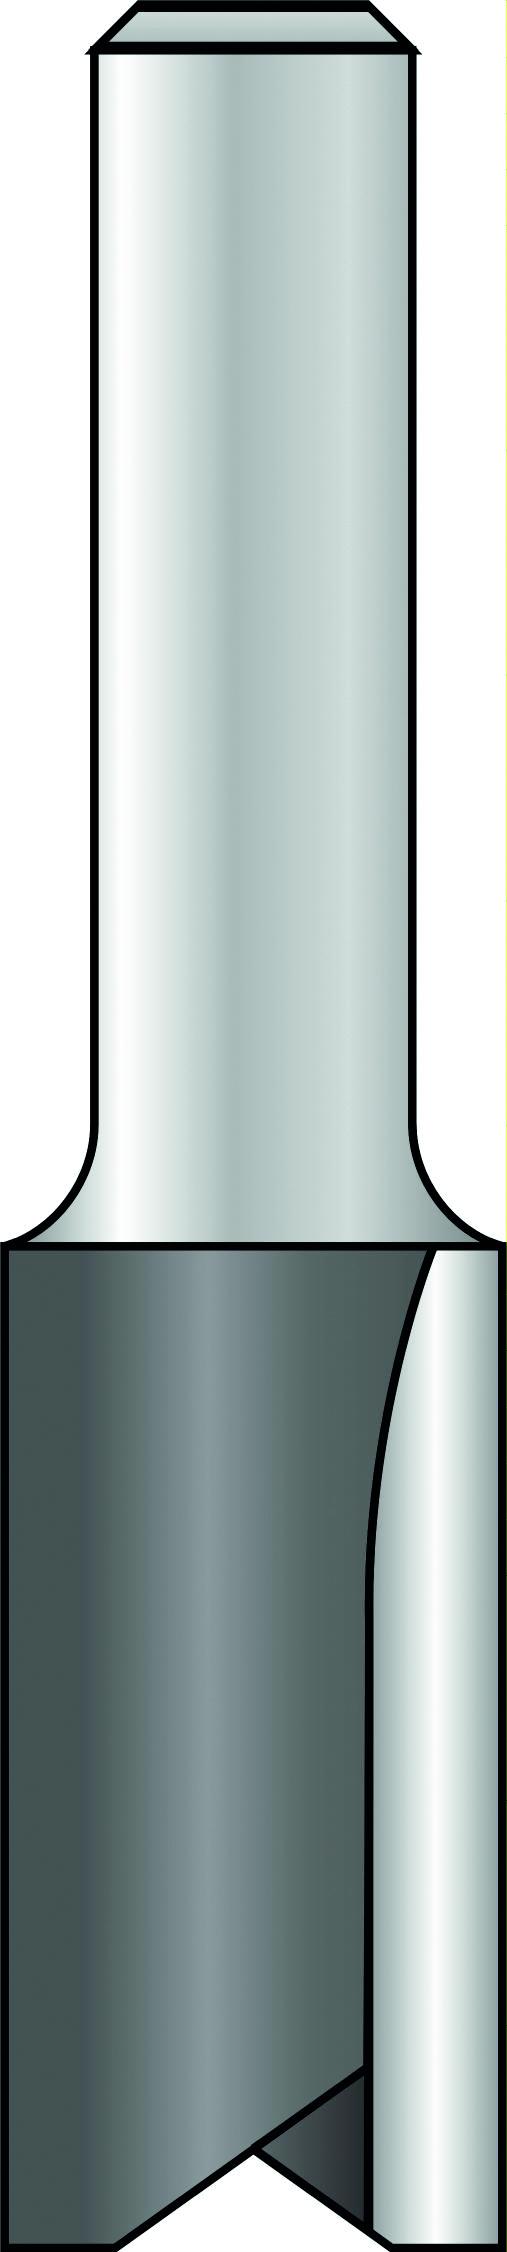 Proline groeffrezen met 2 snijkanten